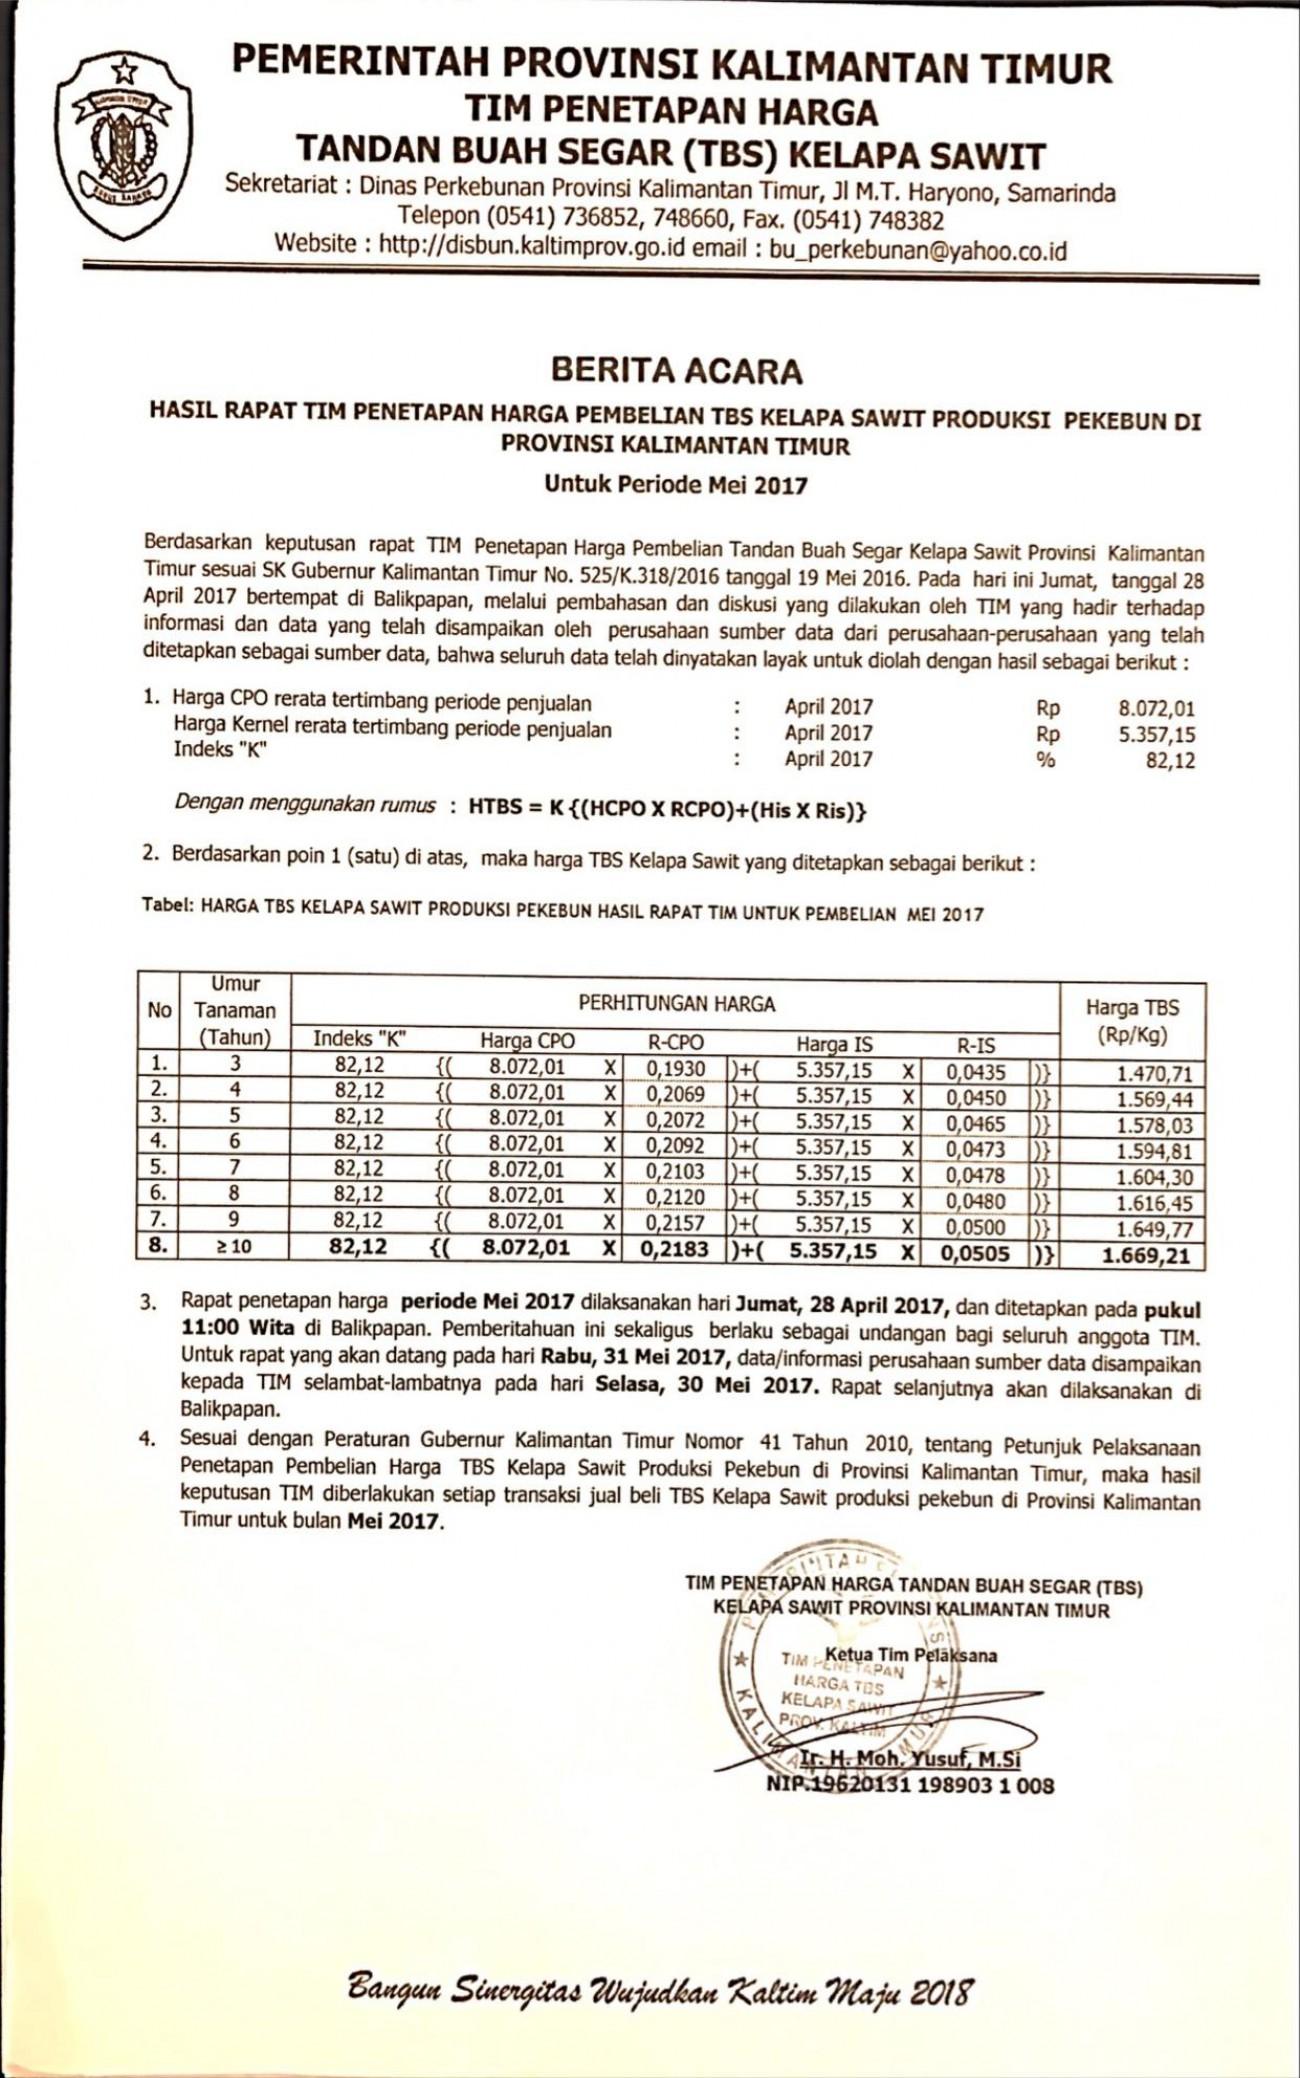 Informasi Harga TBS Kelapa Sawit Bulan Mei 2017